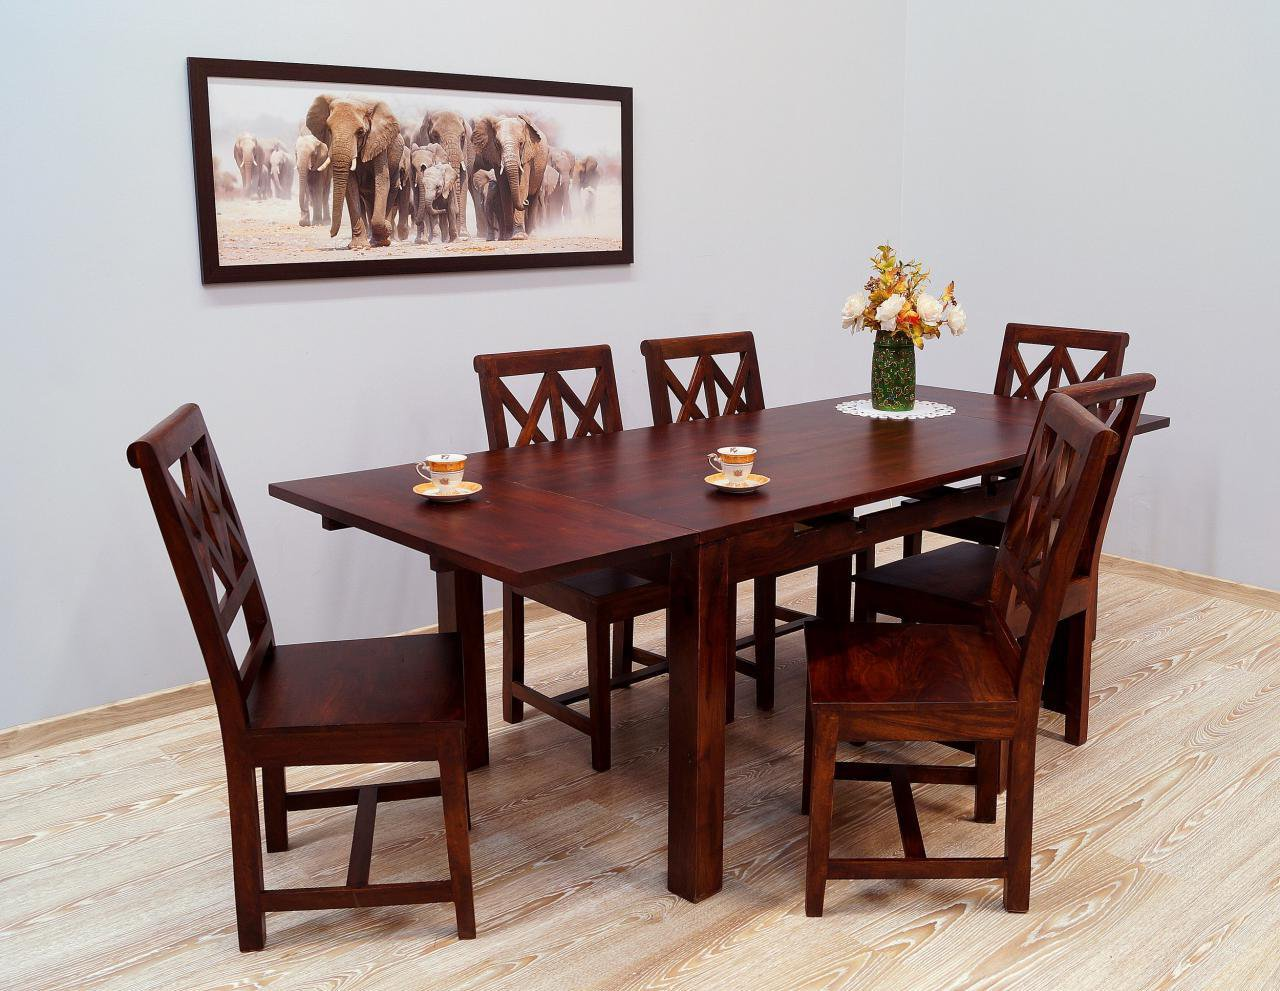 Komplet obiadowy kolonialny stół rozkładany + 6 krzeseł ażurowe oparcia lite drewno palisander ciemny brąz nowoczesny